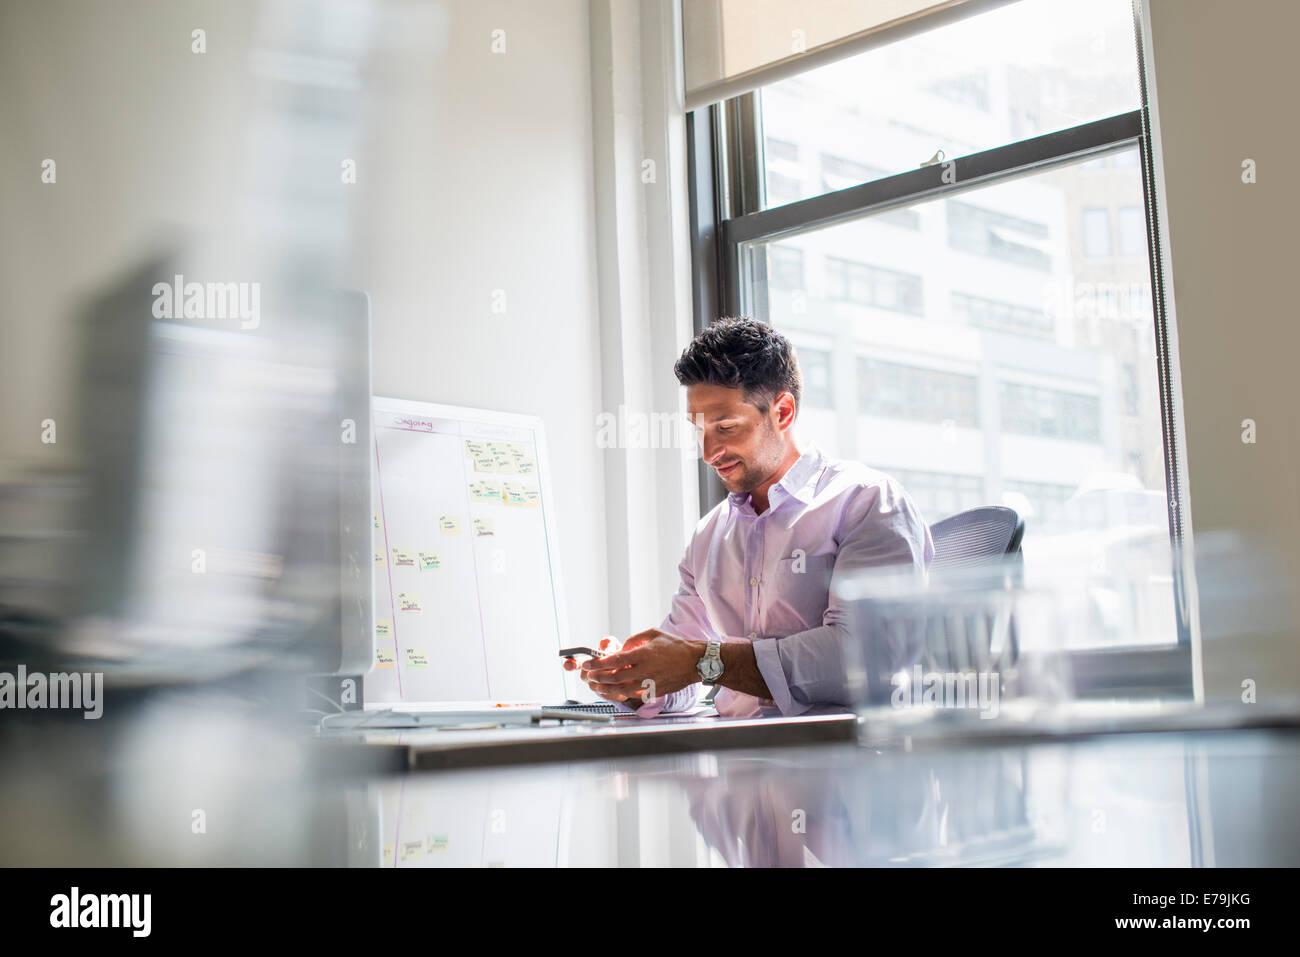 Büroalltag. Ein Mann sein Handy in einem Büro überprüfen. Stockbild